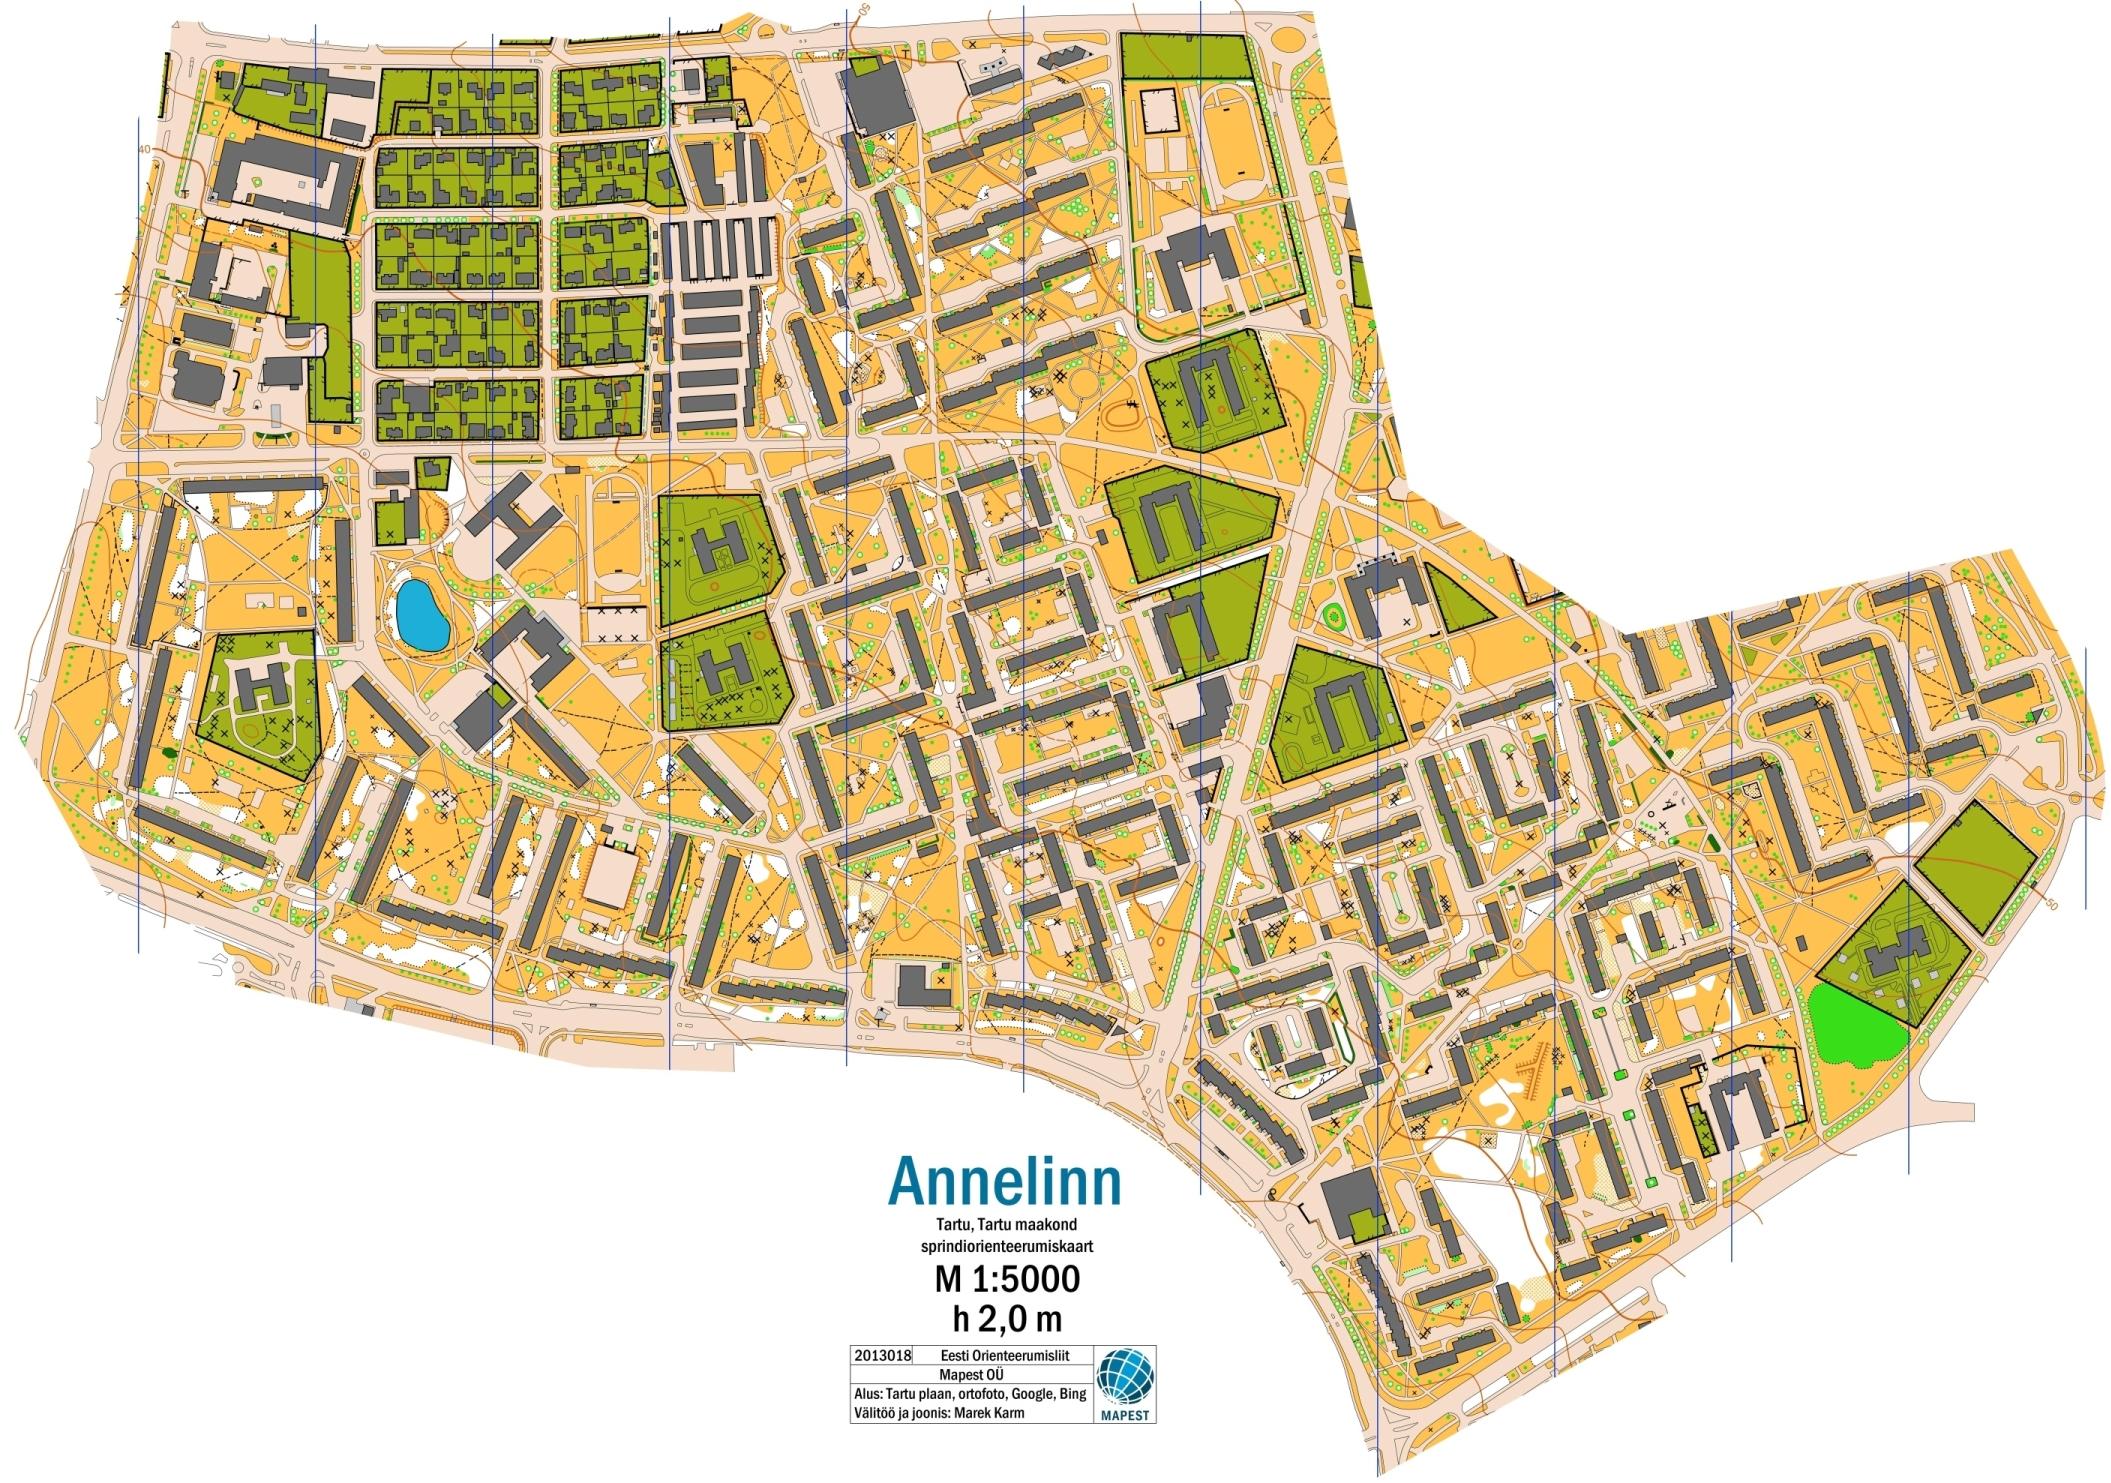 Annelinn